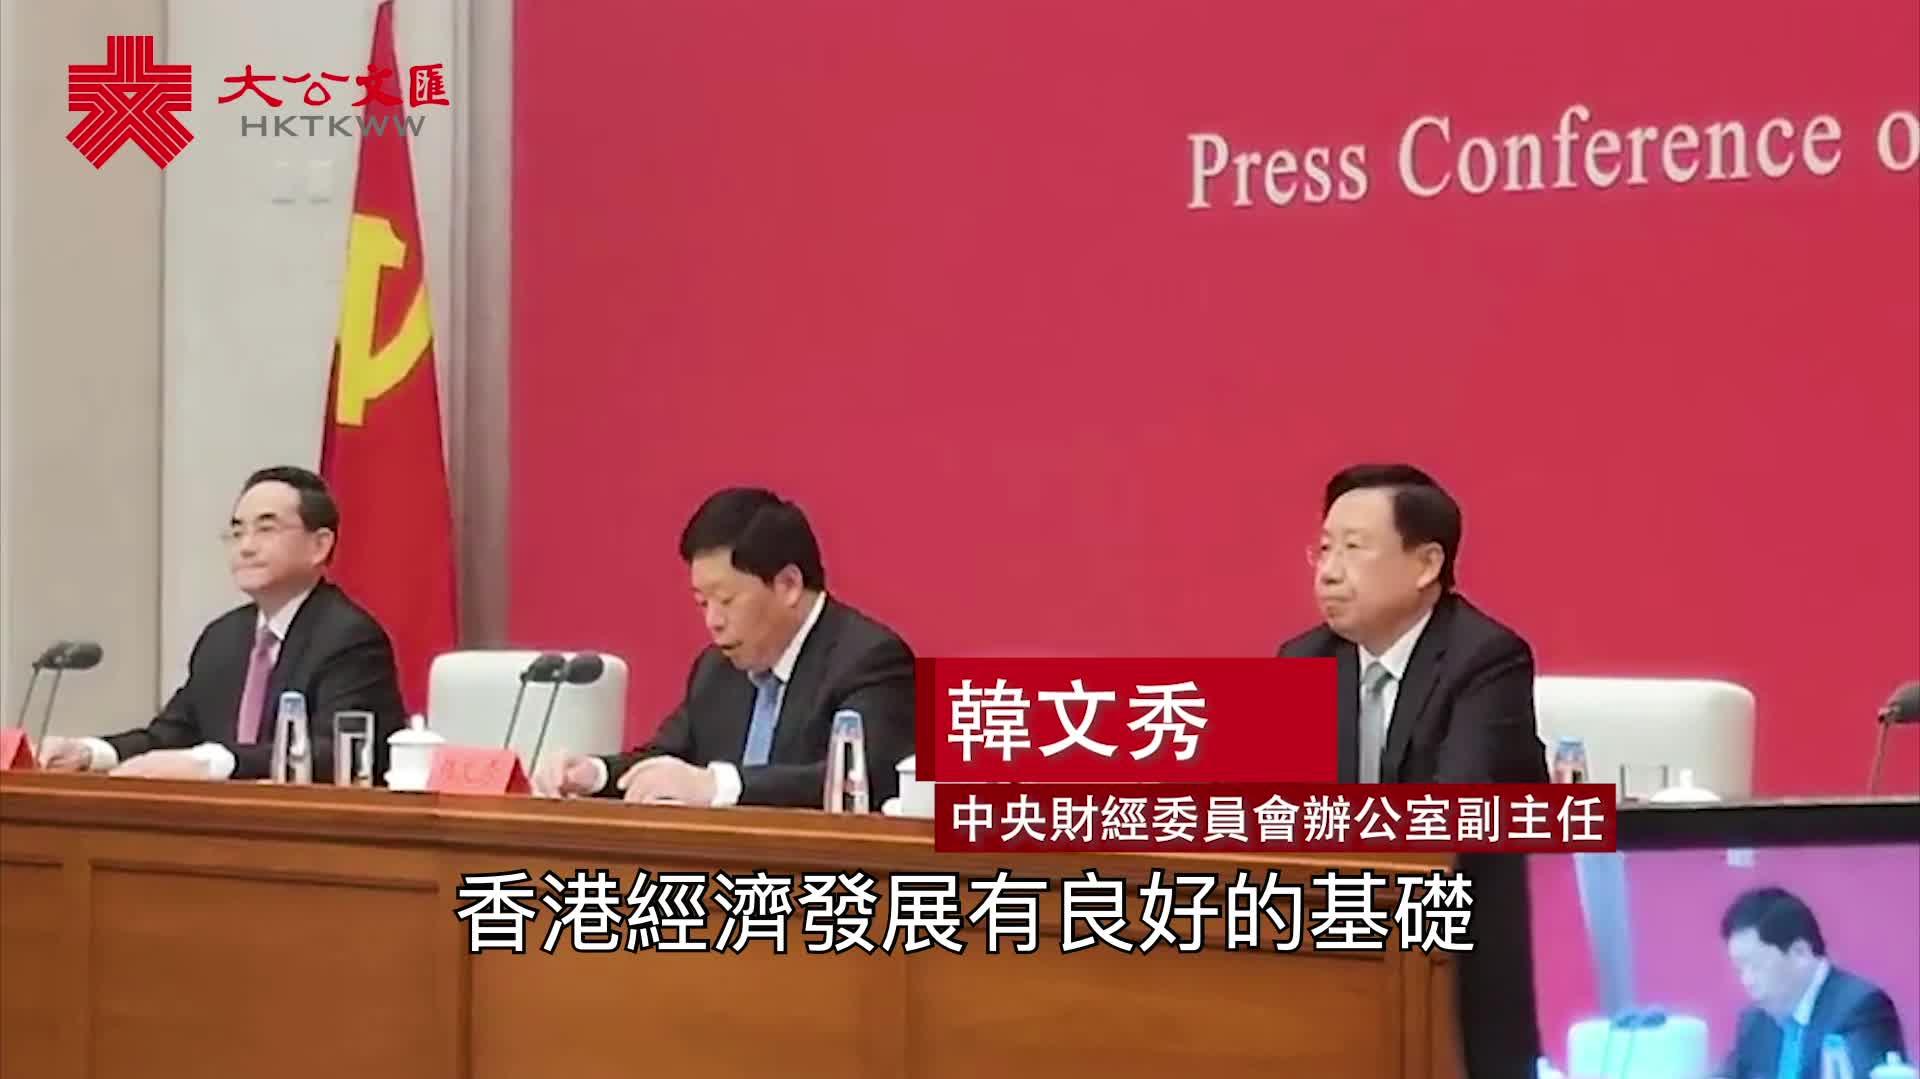 「十四五」時期 中央將進一步支持香港鞏固提升競爭優勢